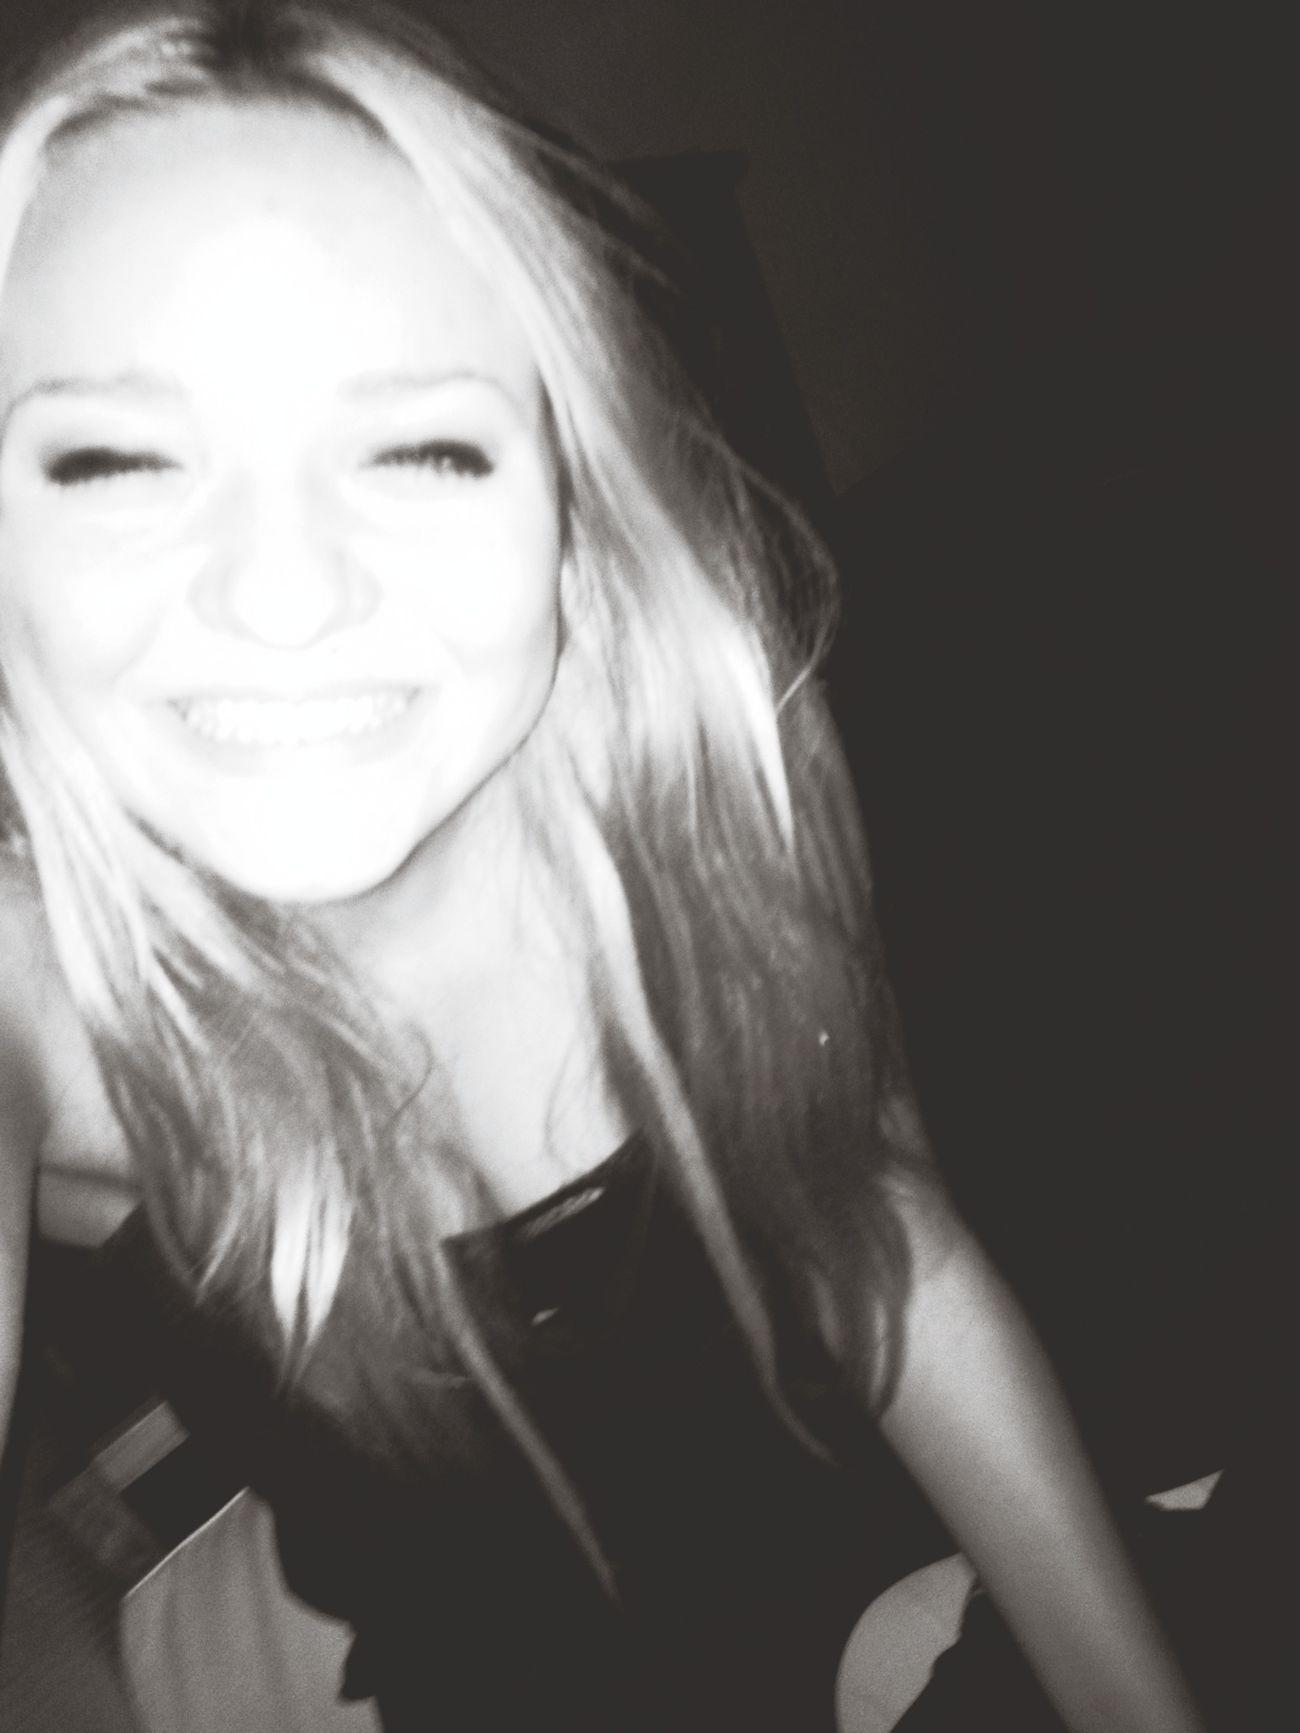 Menschen im besoffenen Zustand sind voller Liebe Drunken Big Smile Happy